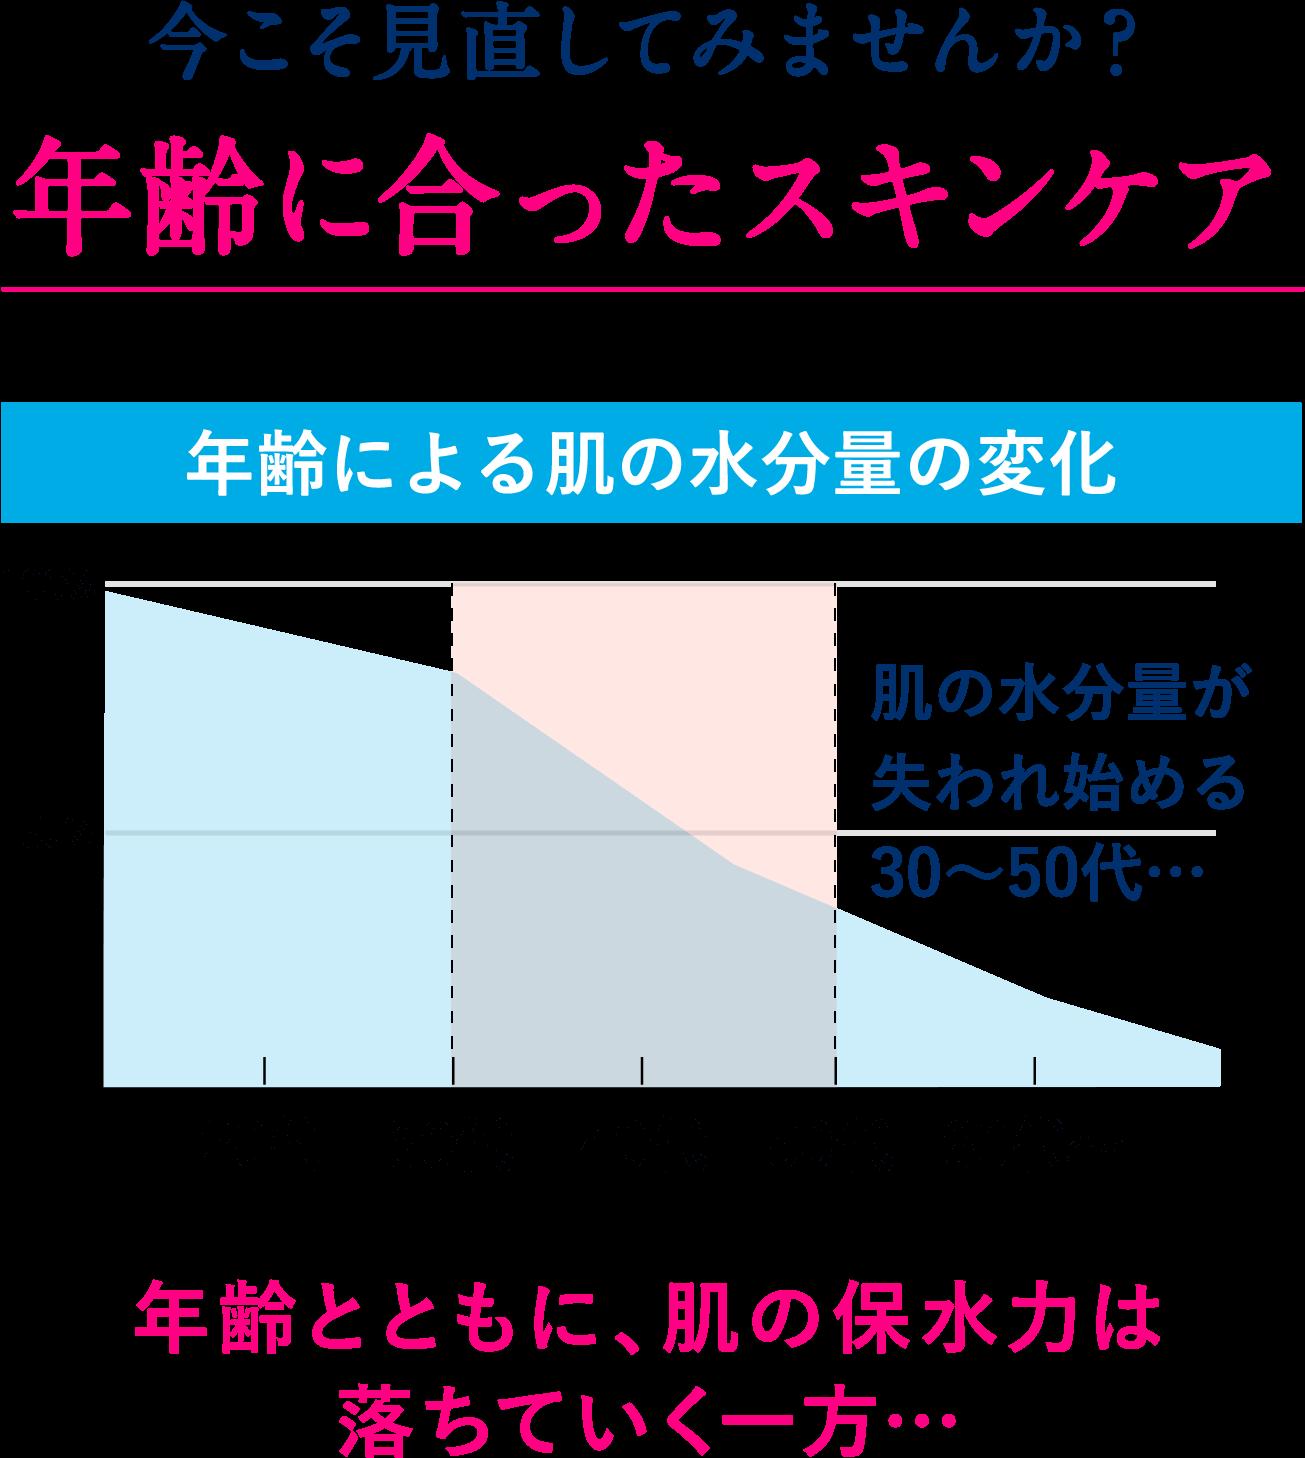 今こそ見直してみませんか?年齢に合ったスキンケア。年齢による肌の水分量の変化のグラフ。肌の水分量が失われ始める30〜50代…。年齢とともに、肌の保水力は落ちていく一方…。